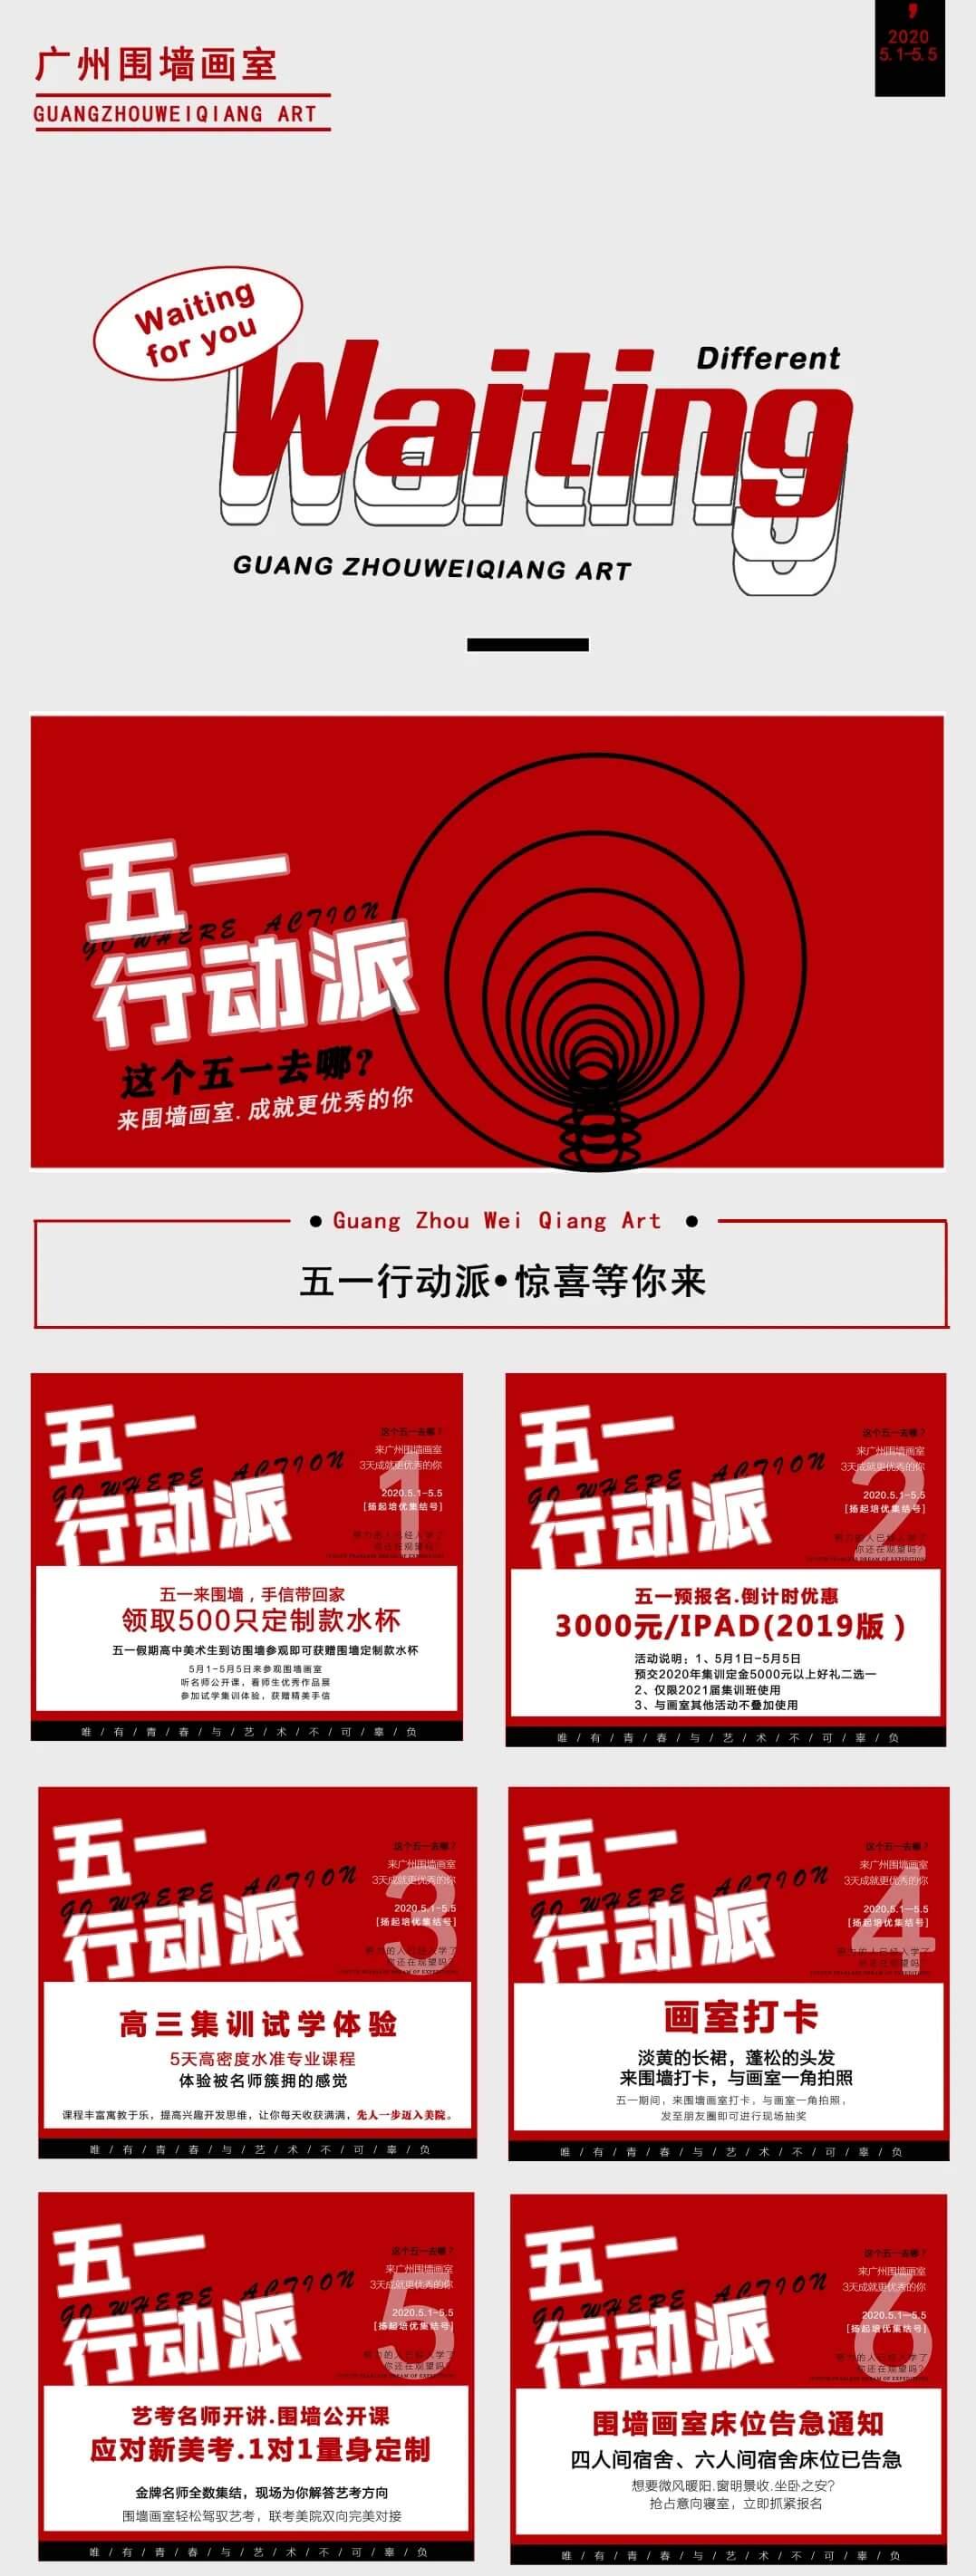 广州围墙画室,广州画室,广州围墙美术培训,04